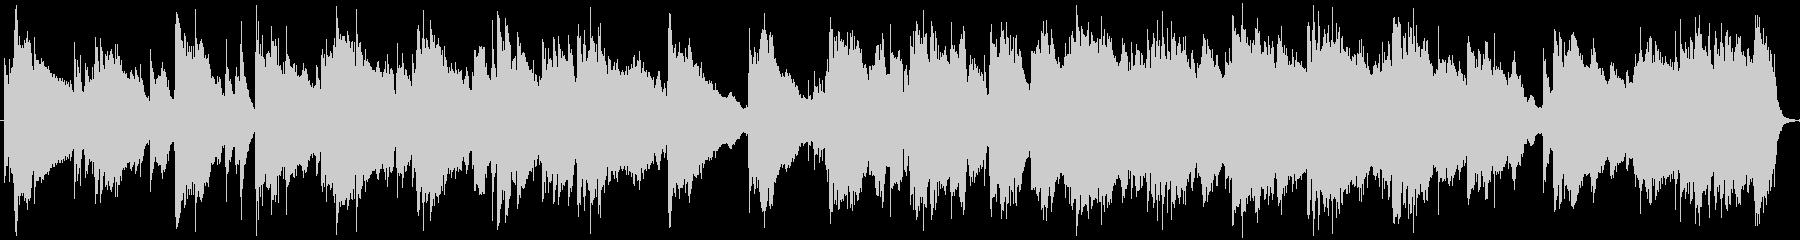 ピアノ・ギター・チェロによる静かな前奏曲の未再生の波形